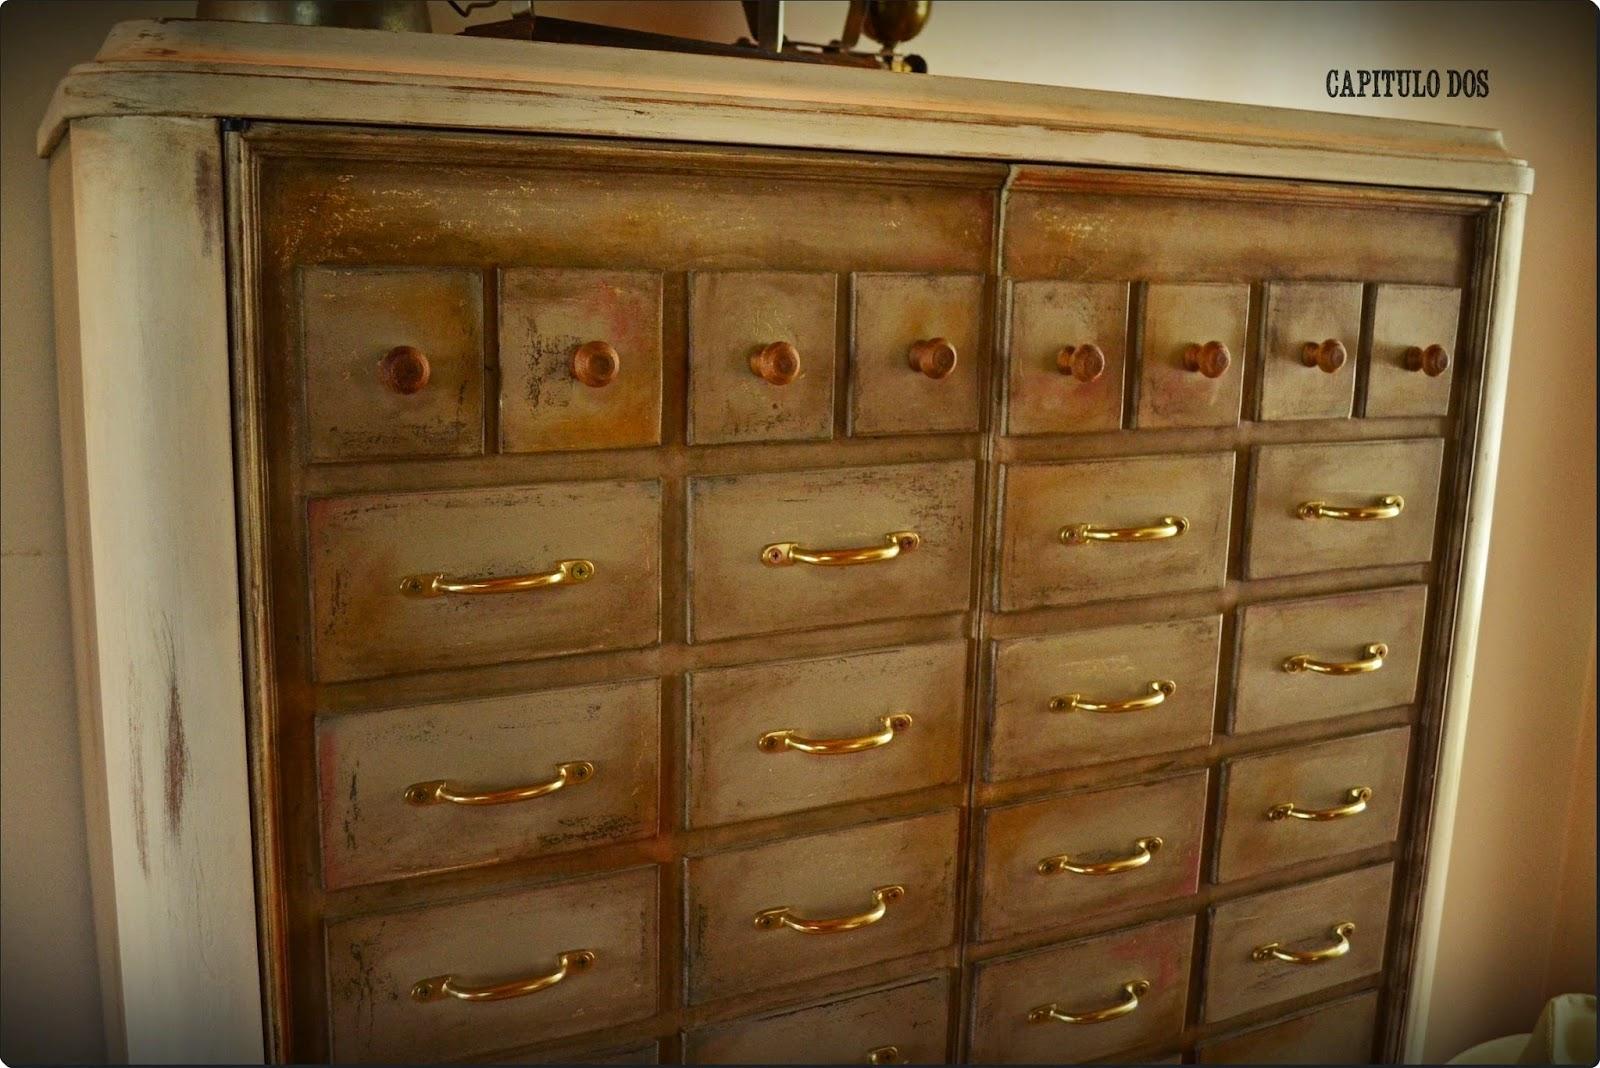 Capitulo dos un mueble con trampa - Tiradores para muebles antiguos ...